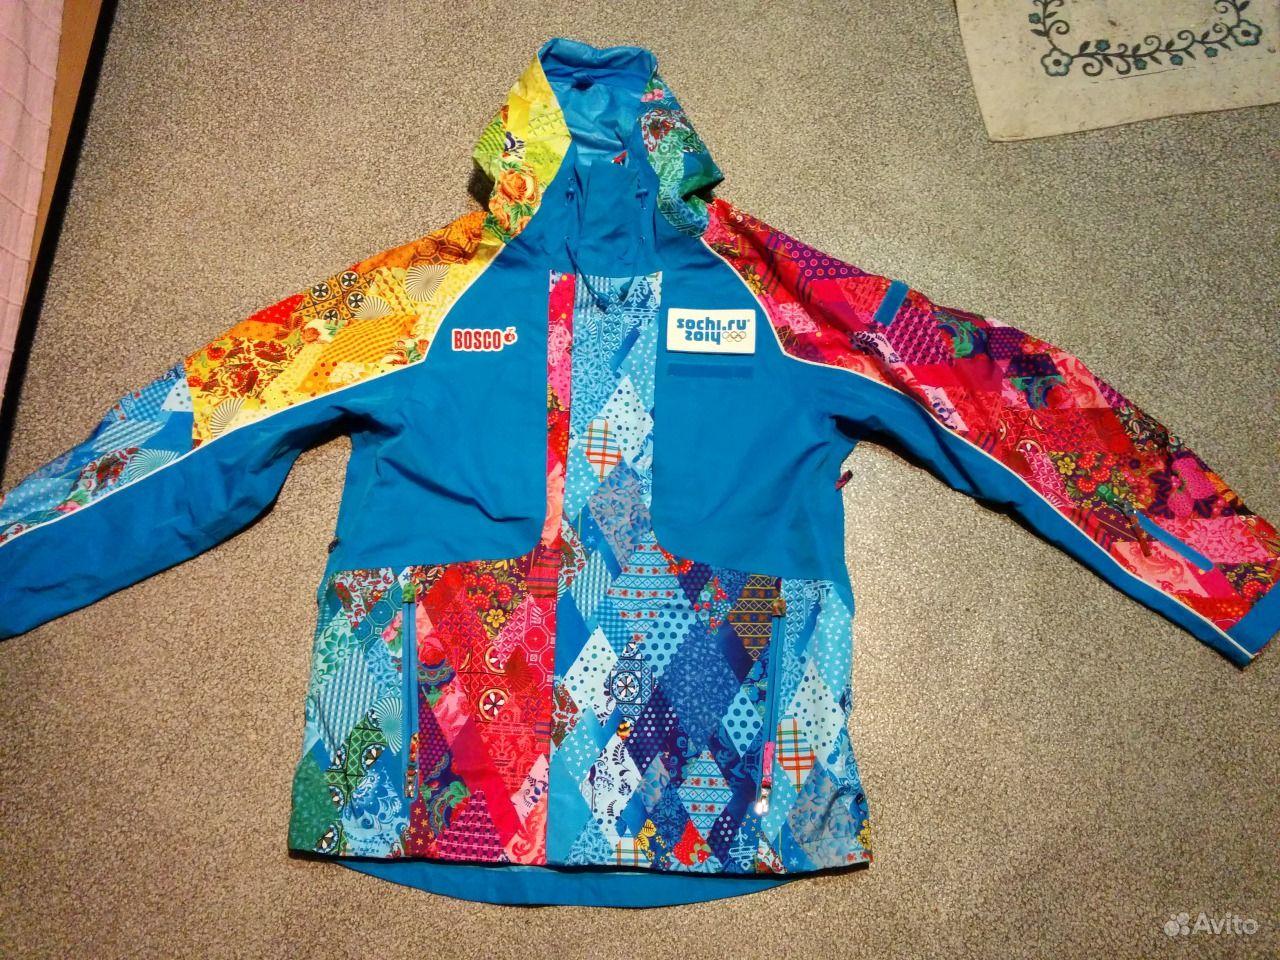 Купить Зимняя Женская Одежда Боско Старая Коллекция